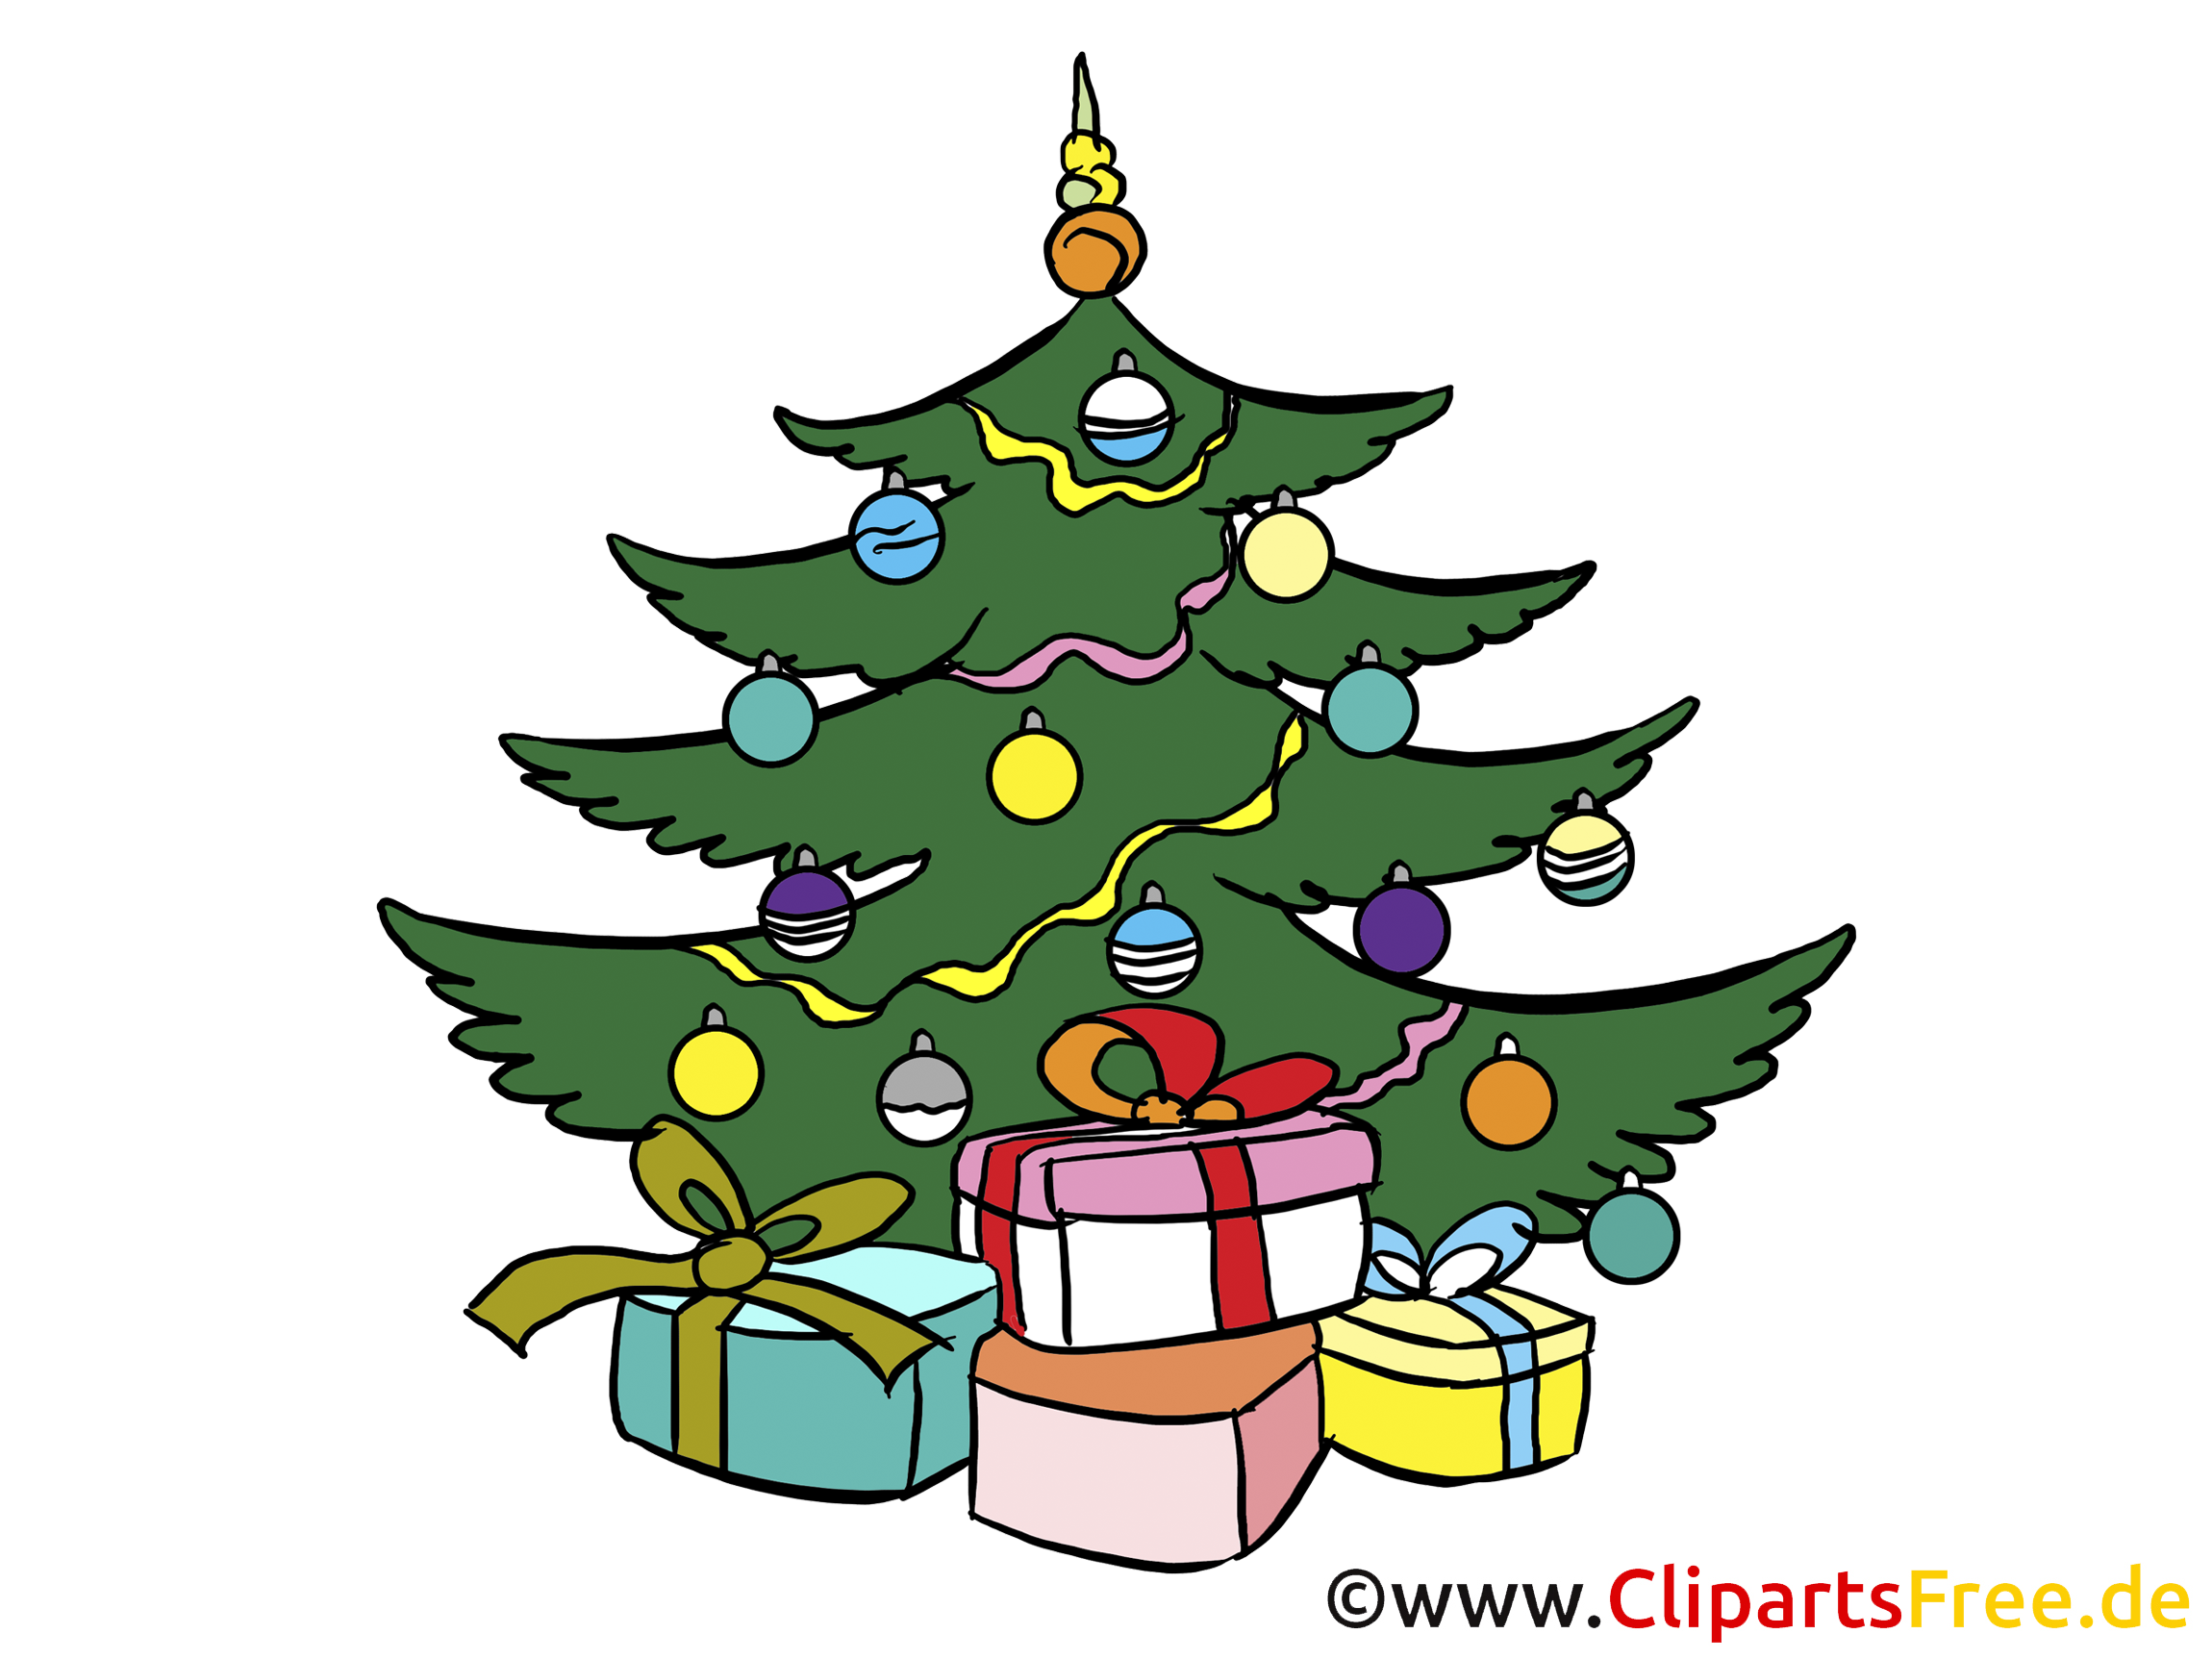 4 Advent Bilder - Weihnachtsbaum am Heiligen ABend